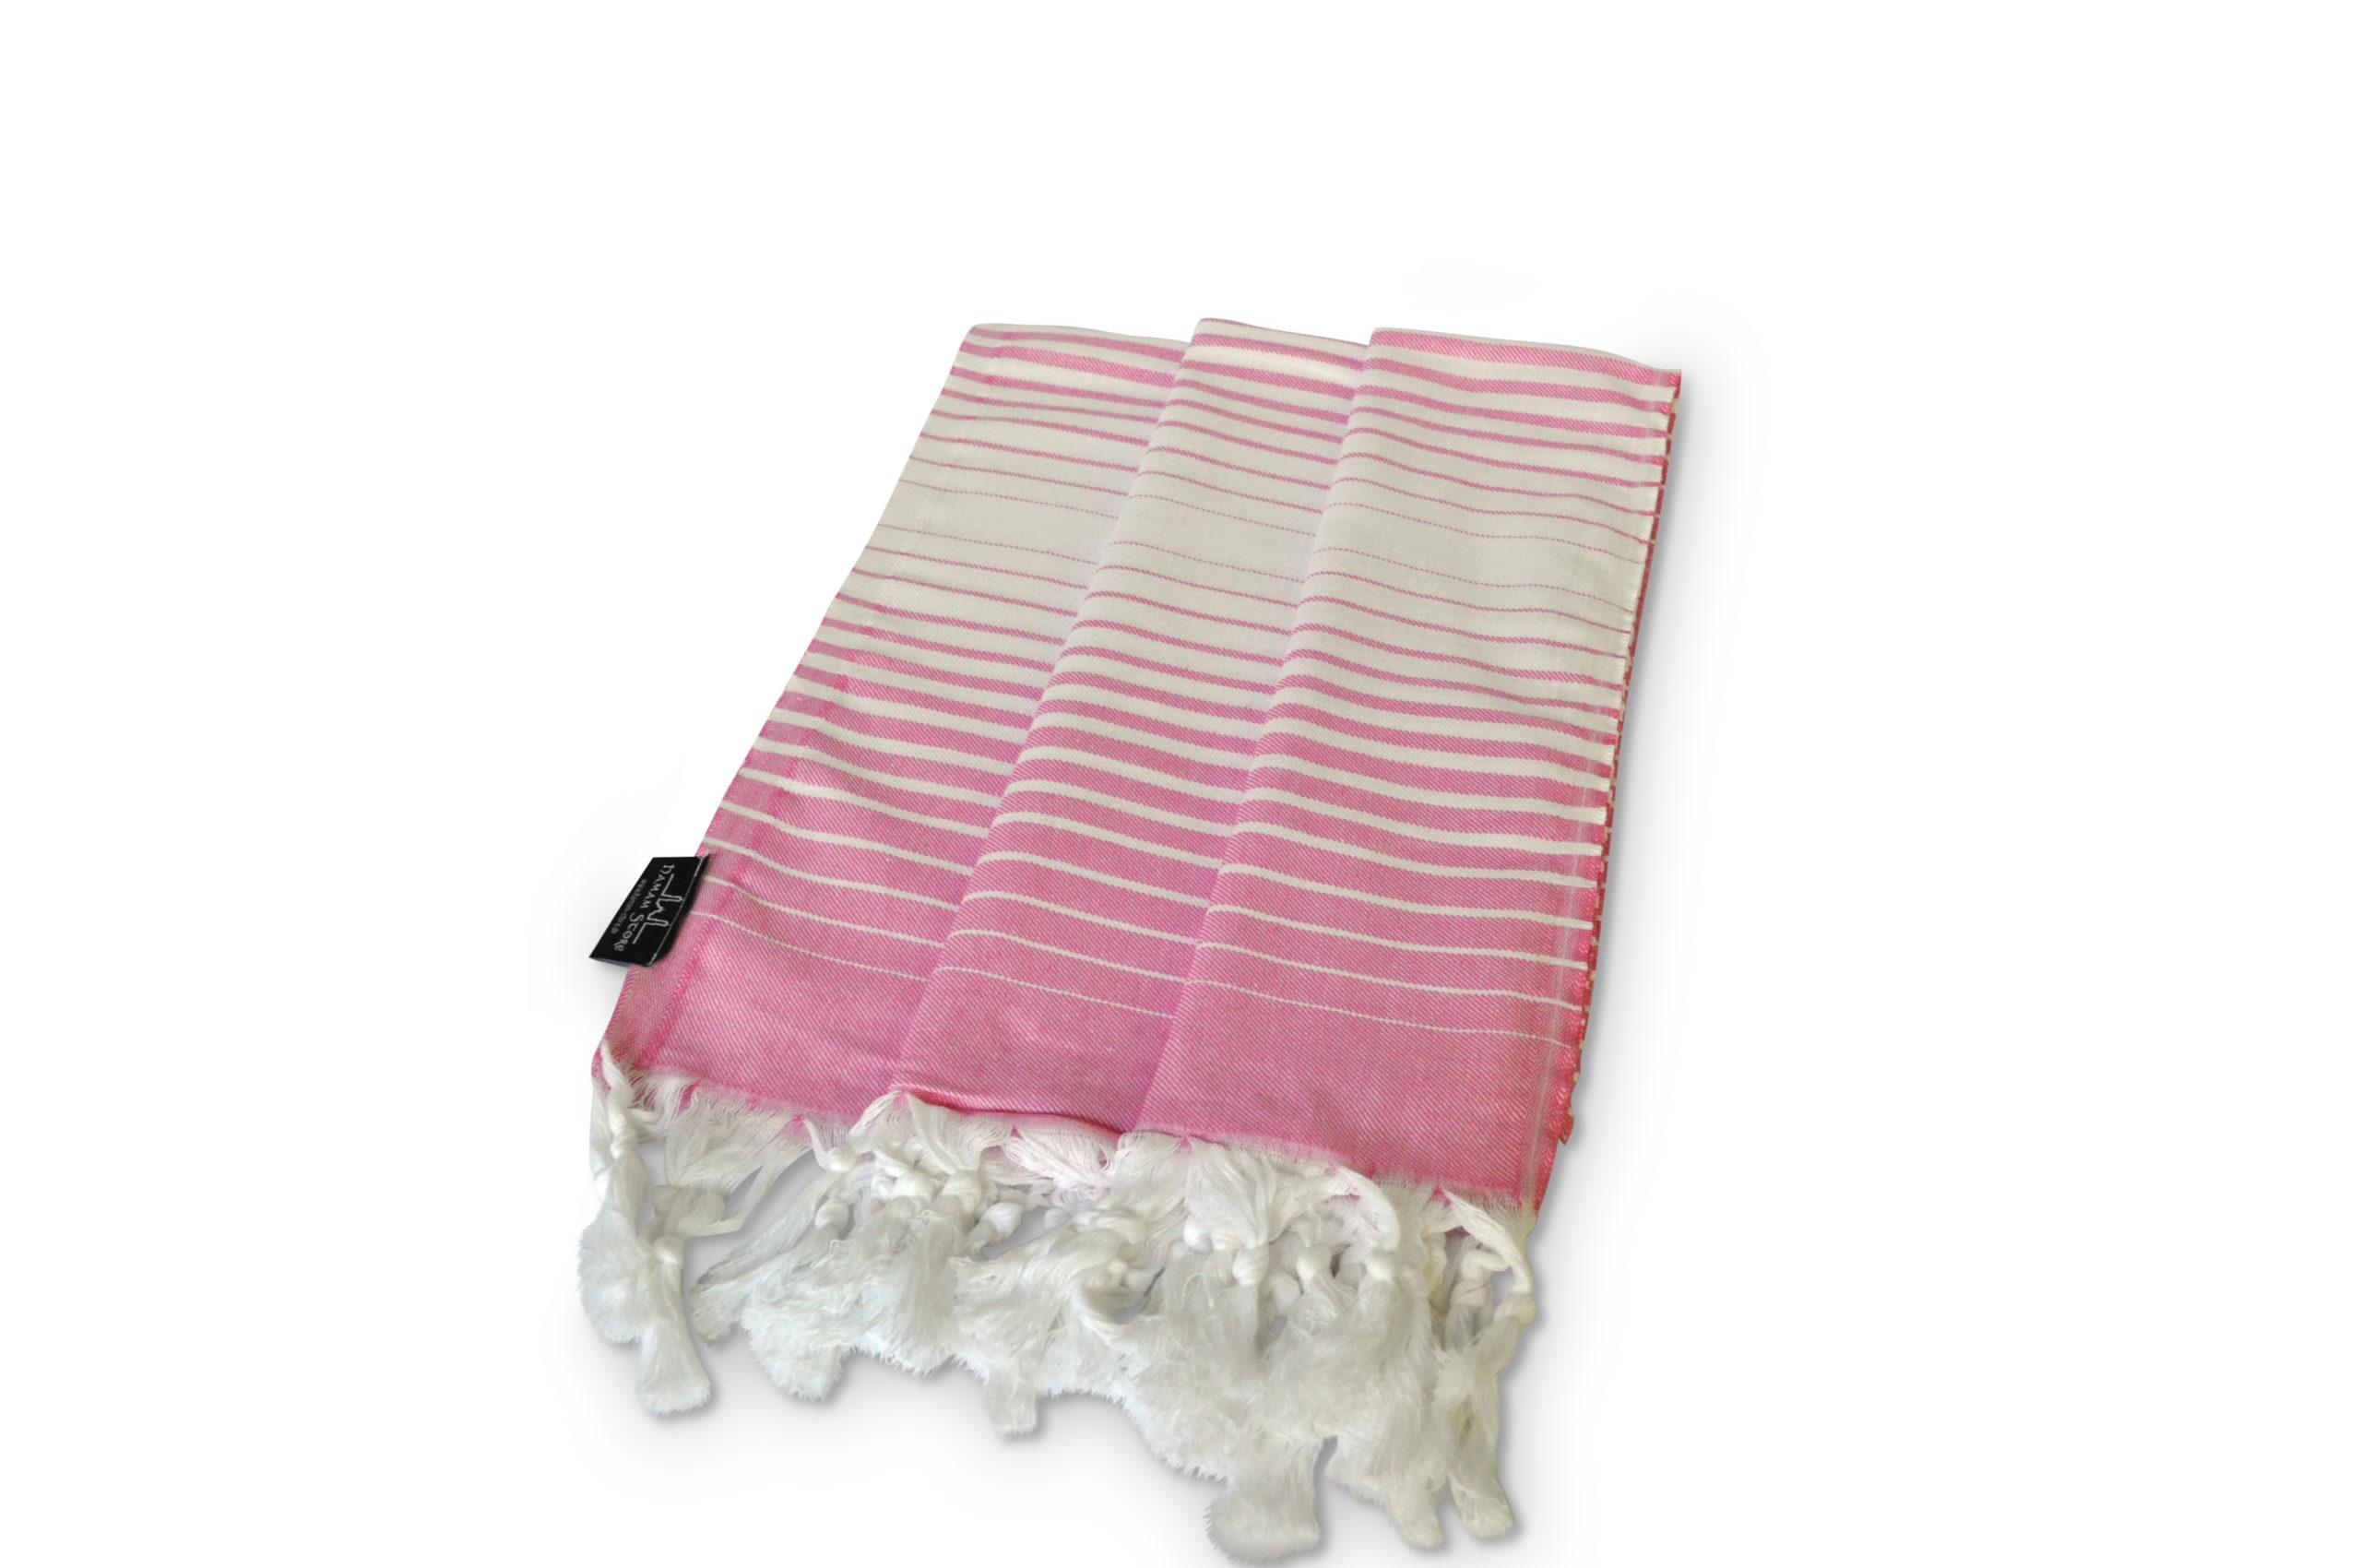 Feines Hamamtuch pink-weiß